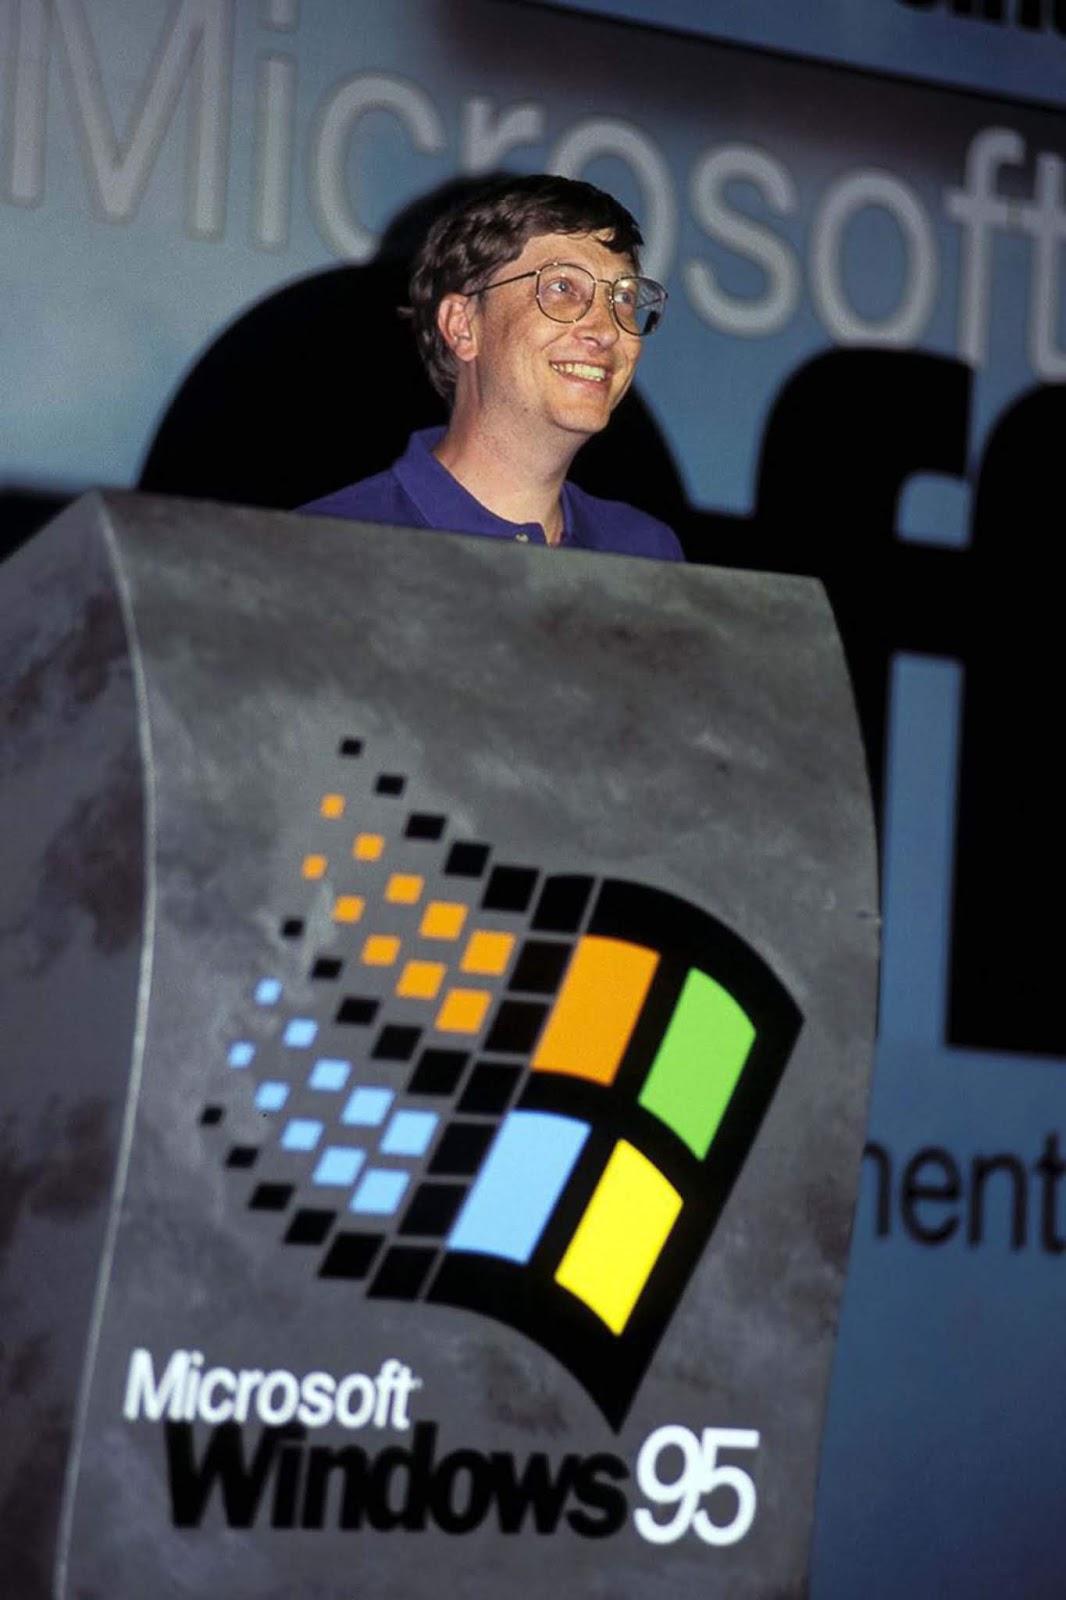 Windows 95 launch%2B%252810%2529 - Relembre a enorme histeria do lançamento do Windows 95 em 1995